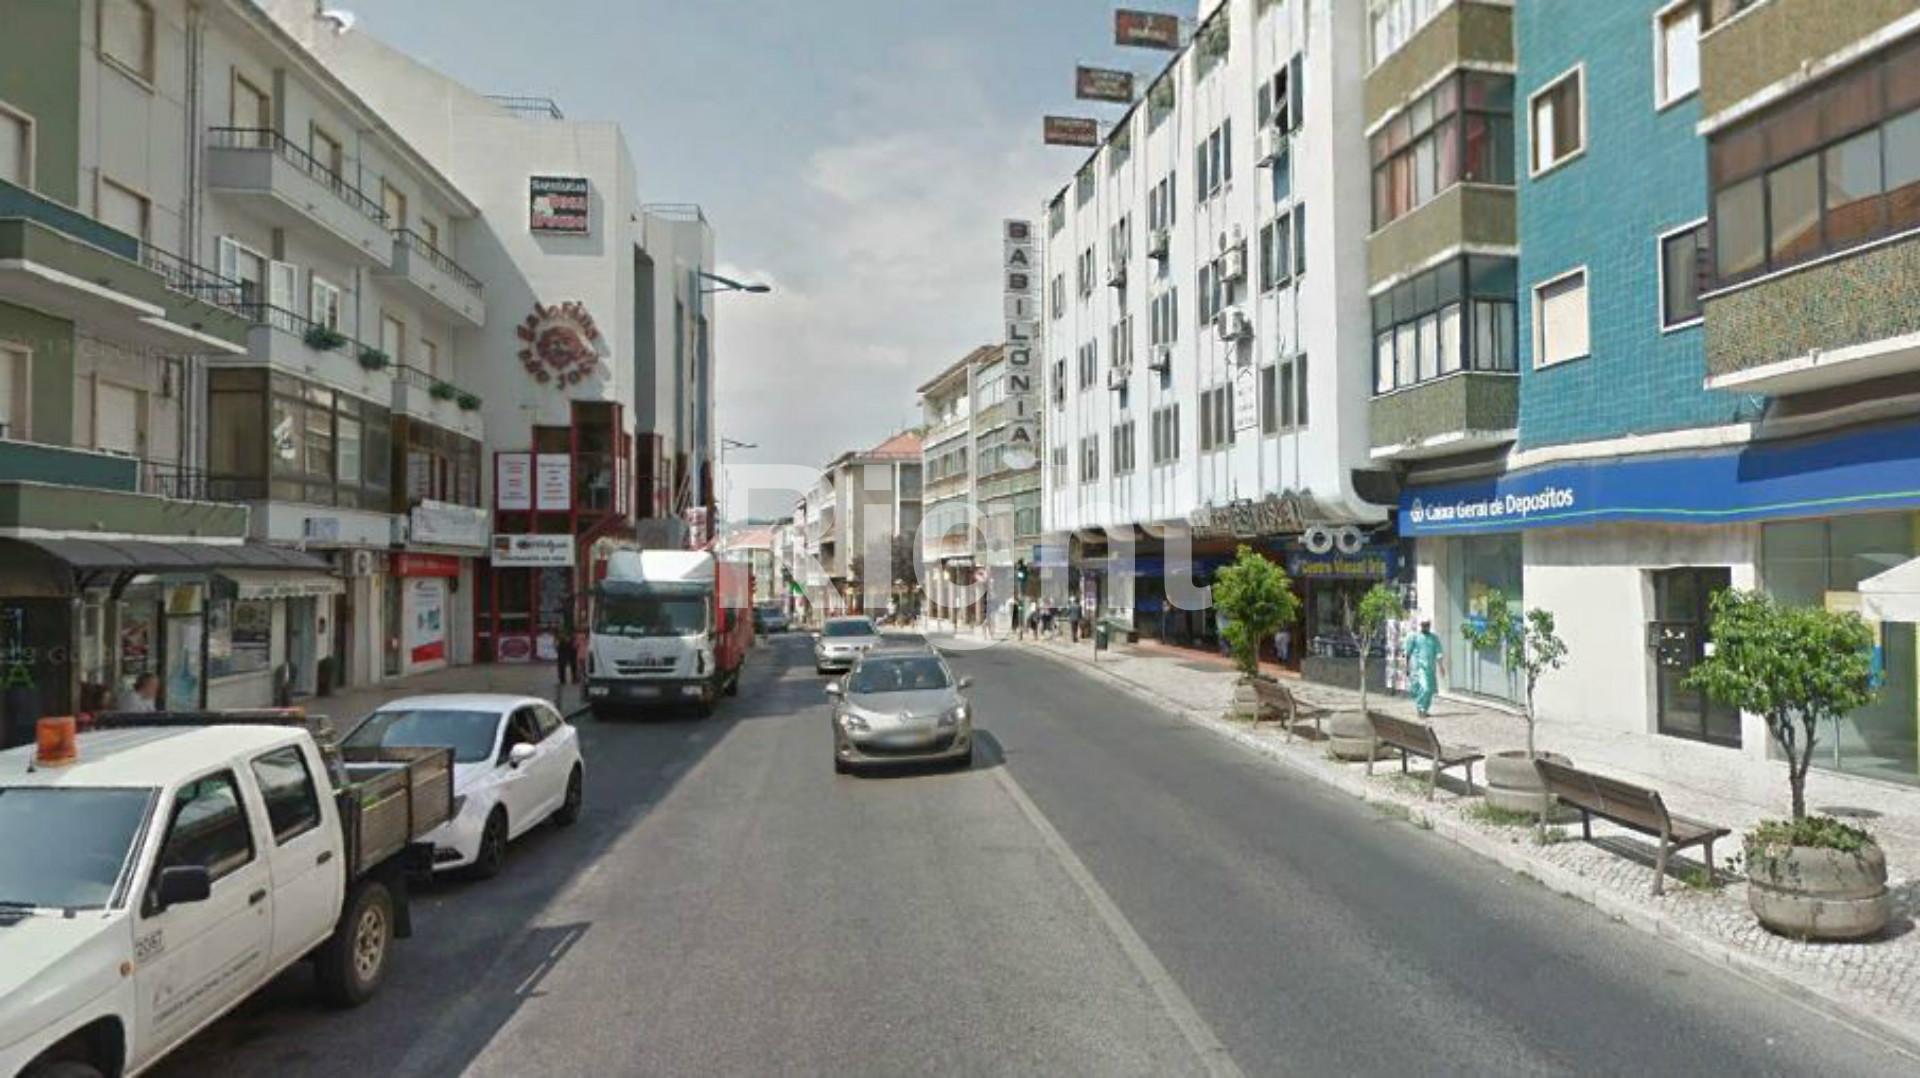 2 prédios com rendimento no centro da Amadora